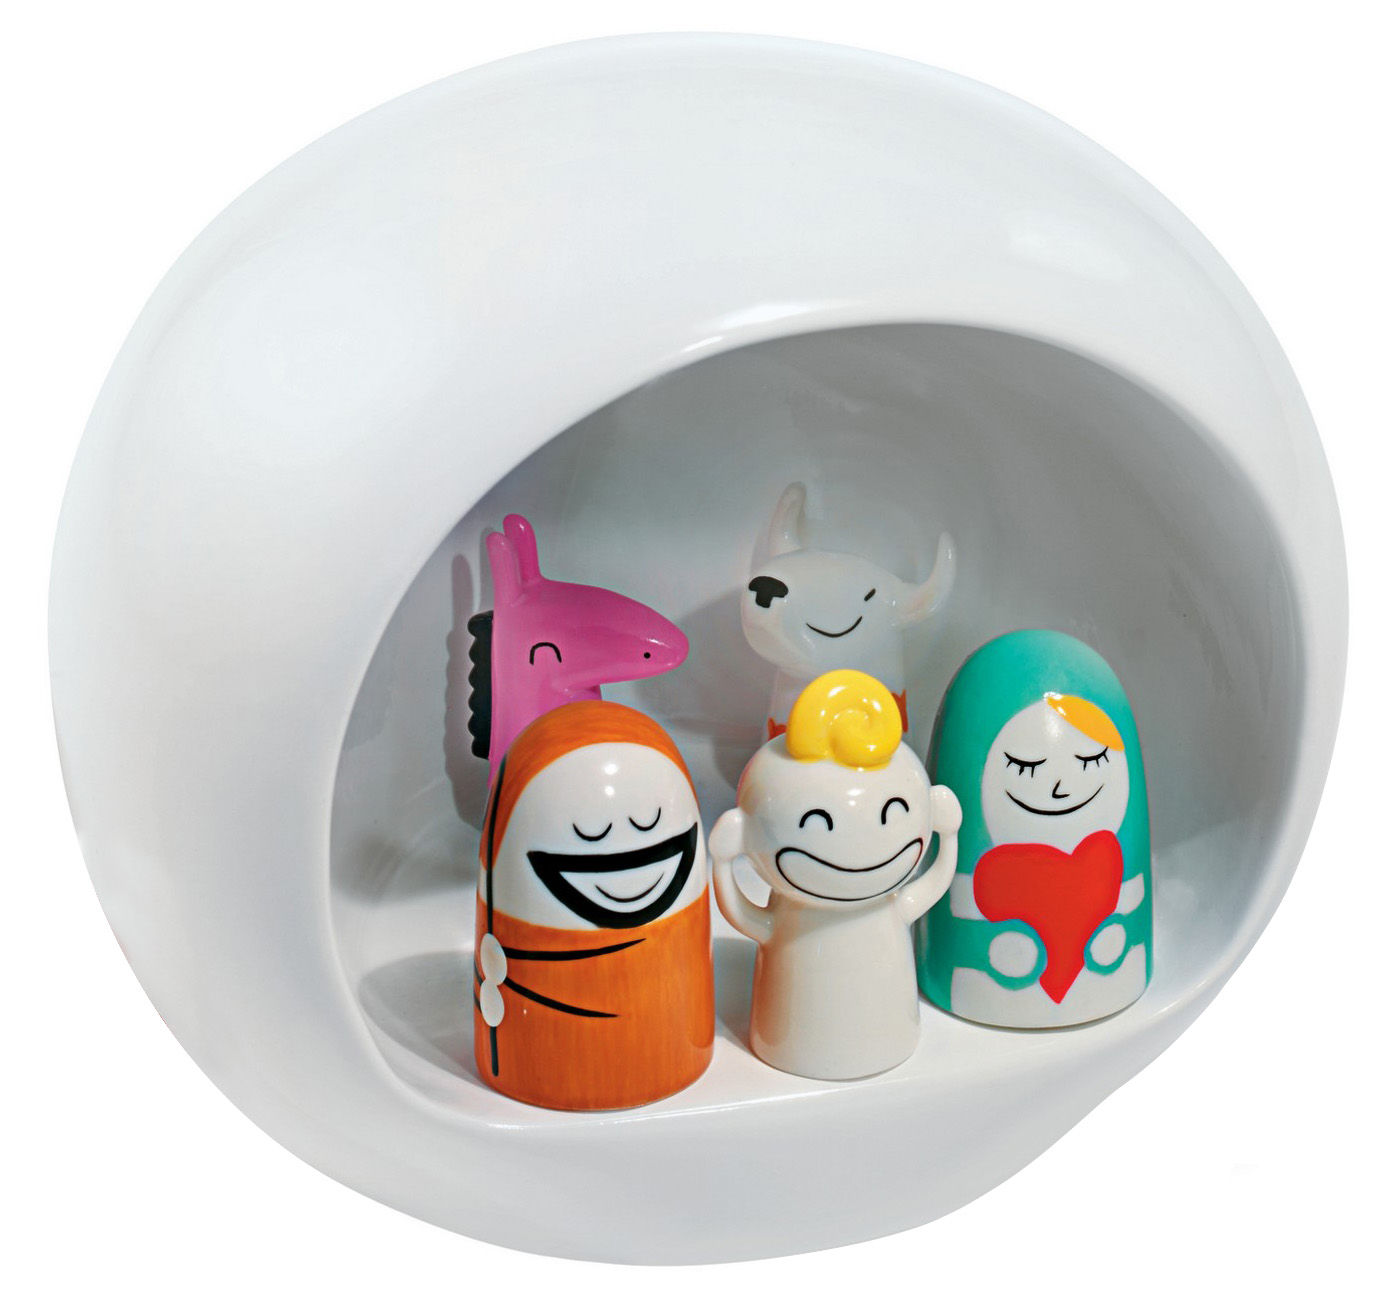 Decoration - Funny & surprising - Presepe Crib - Crib by A di Alessi - Multicoloured - China